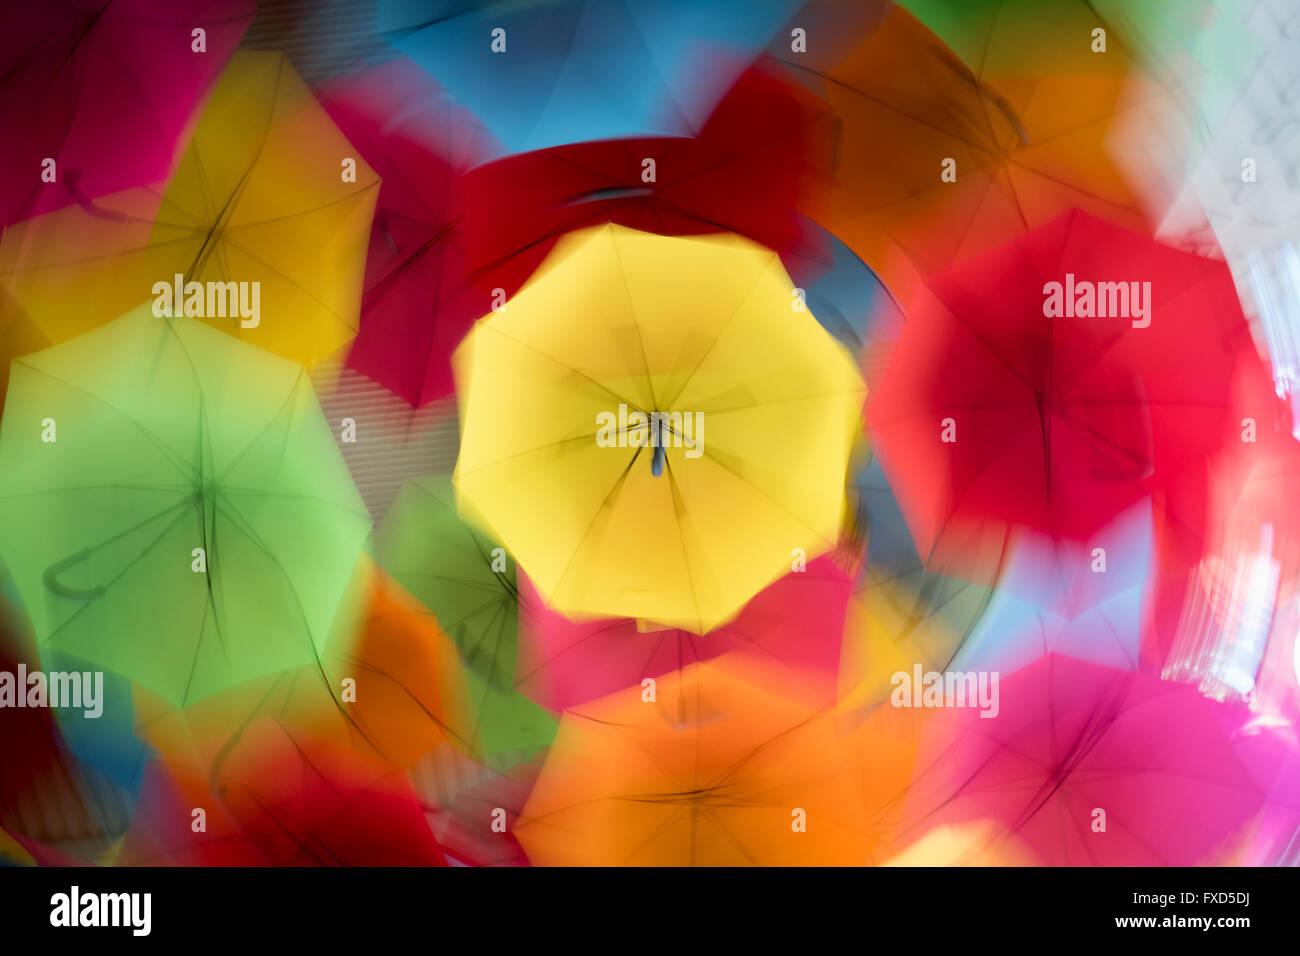 Des parasols colorés, Kings Park, la ville de Perth, Australie occidentale. Mouvement circulaire pendant l'exposition Photo Stock